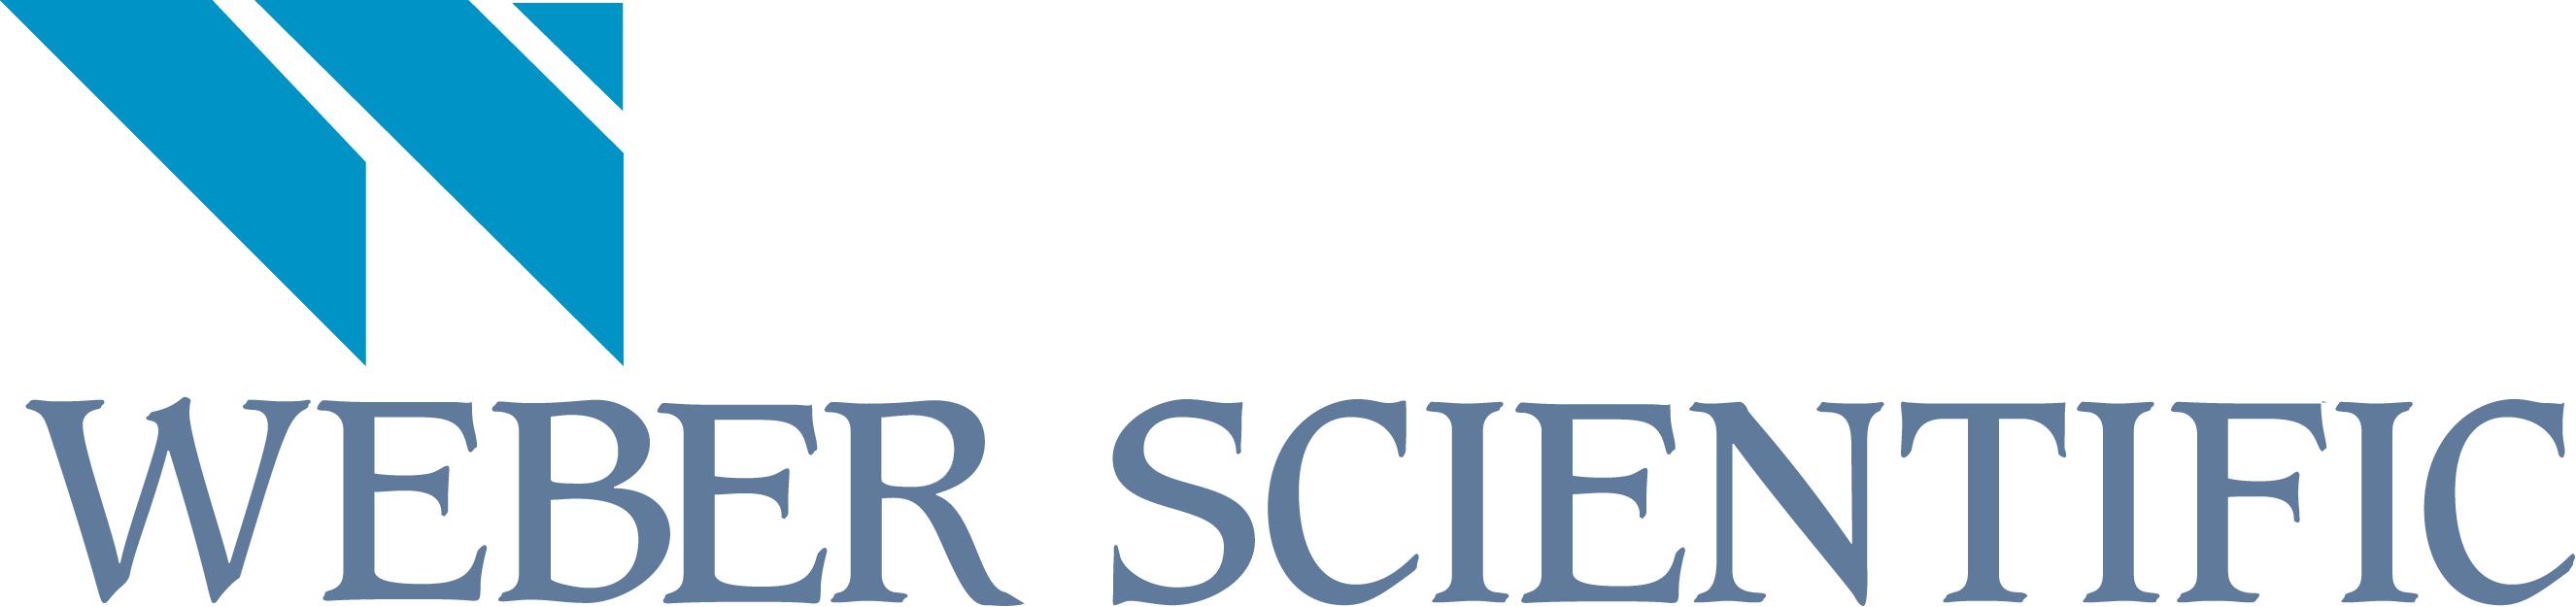 Weber Scientific